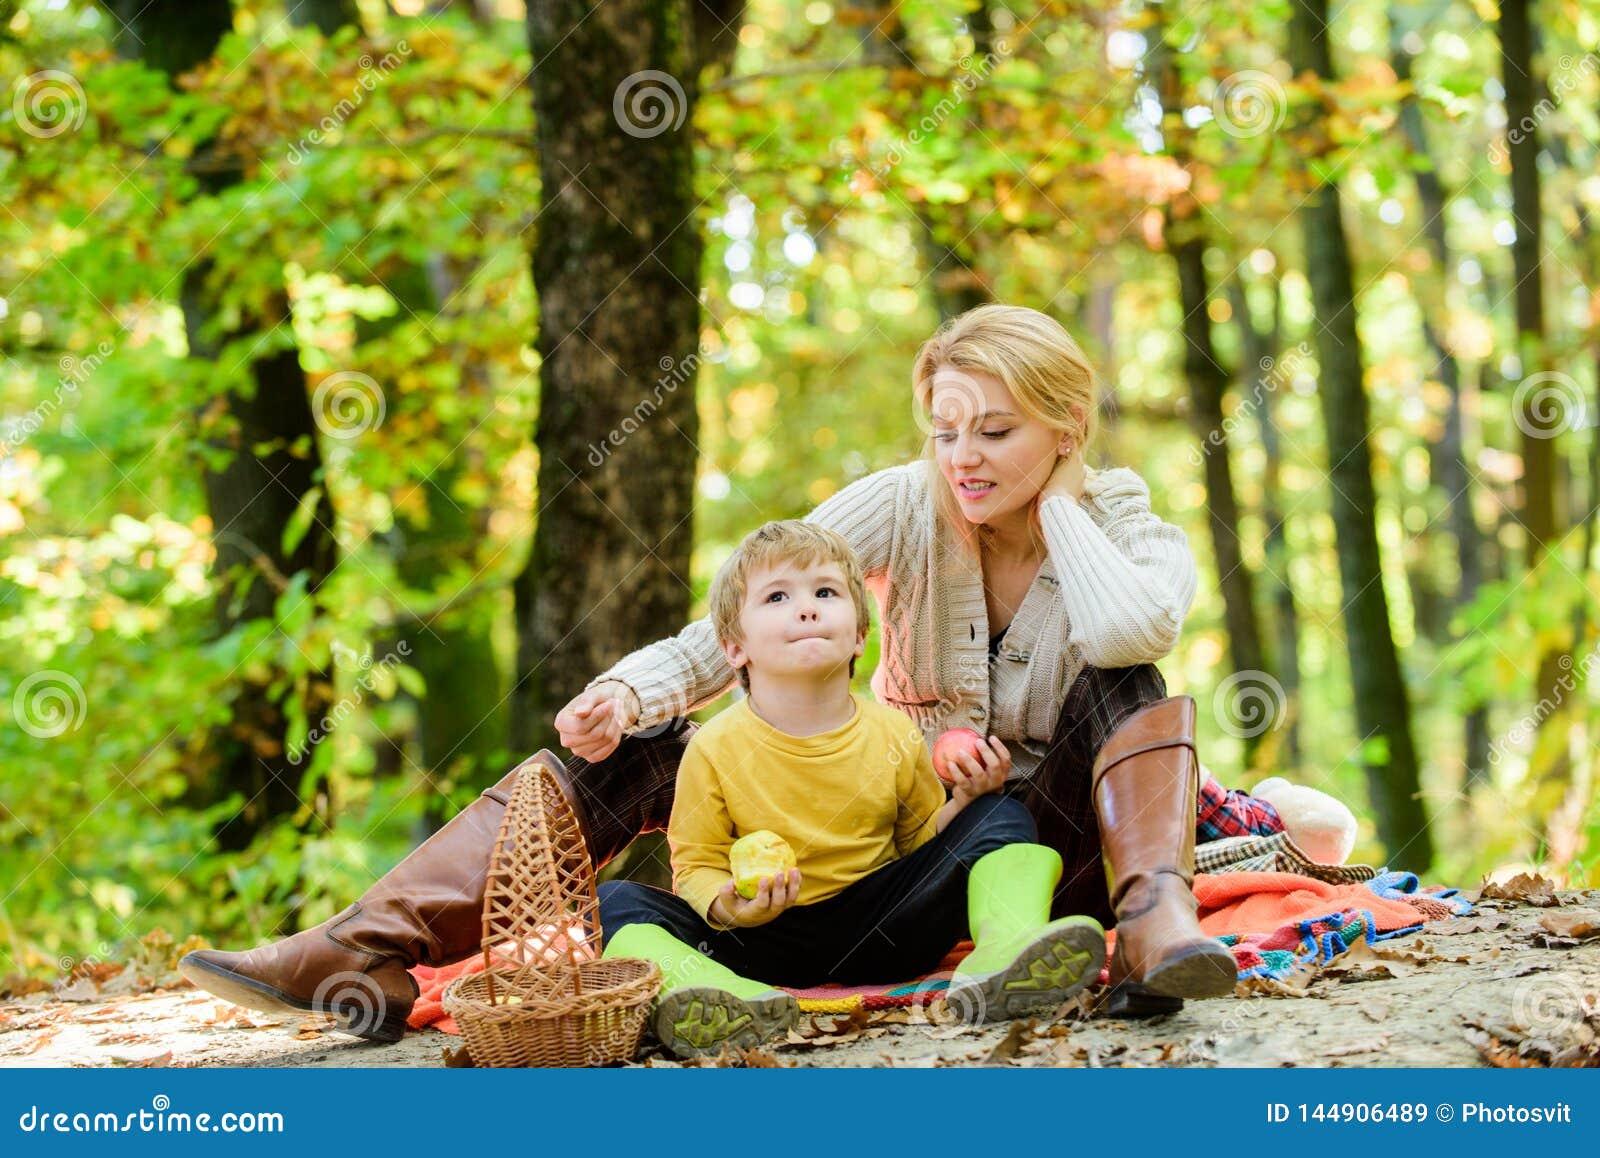 Goede dag voor de lentepicknick in aard Het hebben van snack tijdens stijging Gelukkige kinderjaren Mamma en jong geitjejongen di